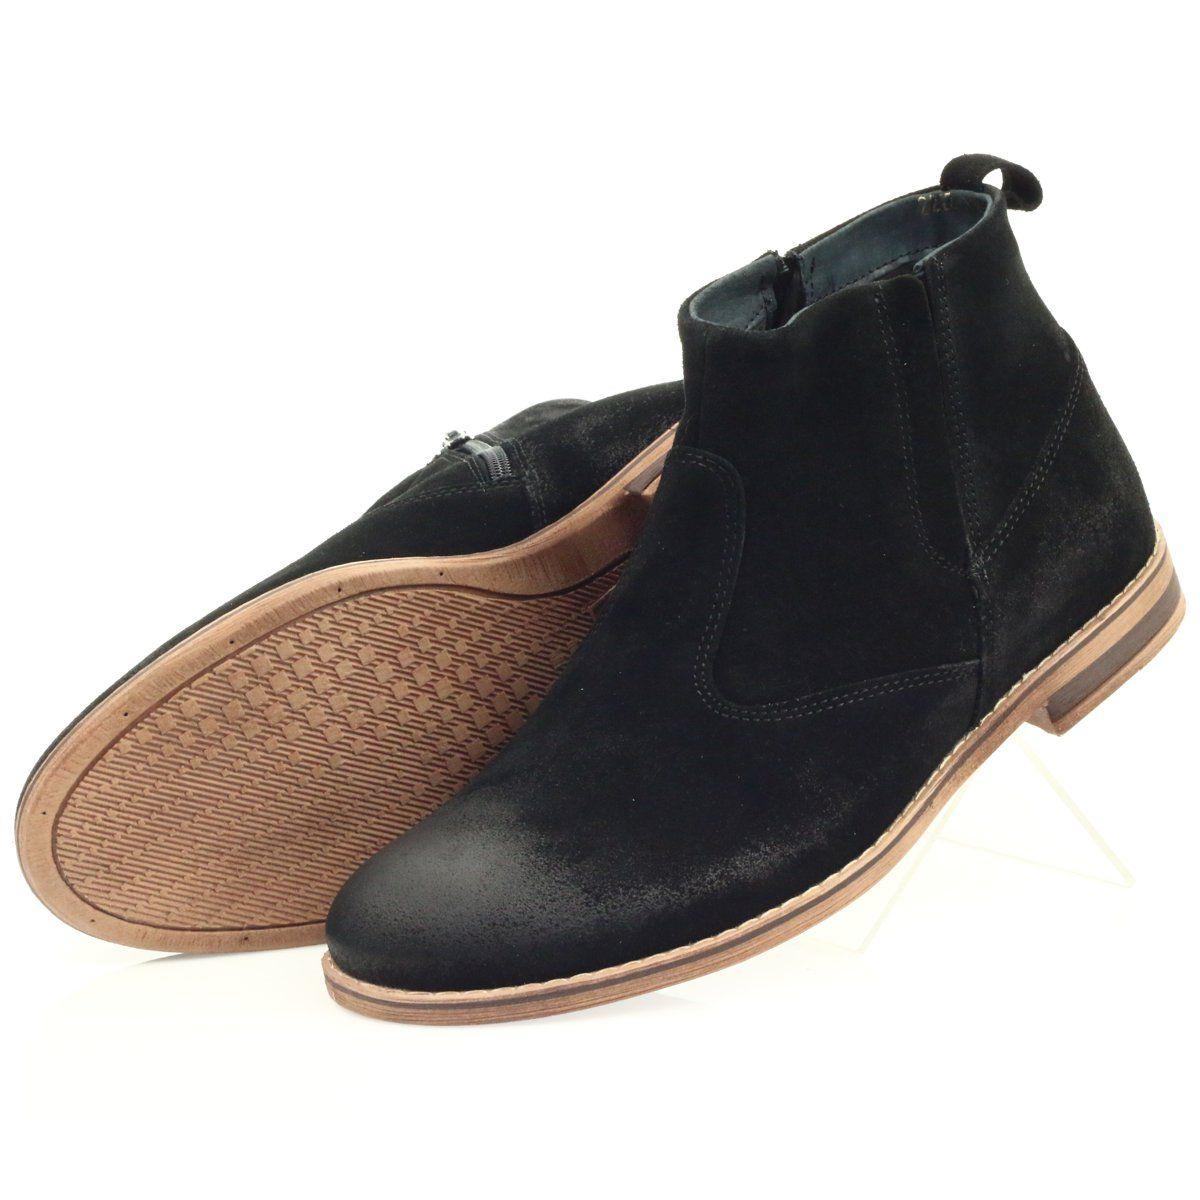 Riko Sztyblet Zamszowy Na Suwak Czarne Boots Chukka Boots Chelsea Boots